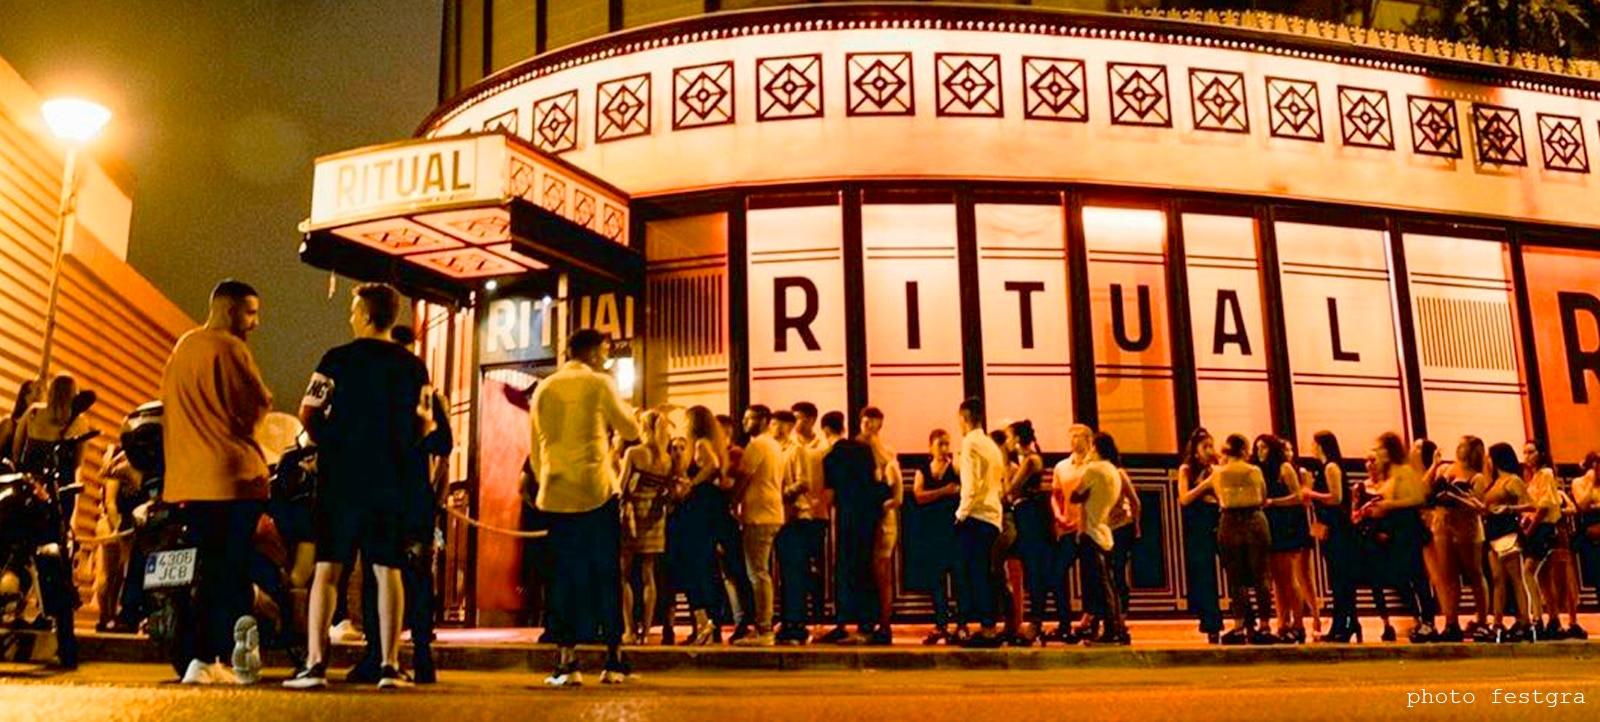 discoteca ritual Málaga